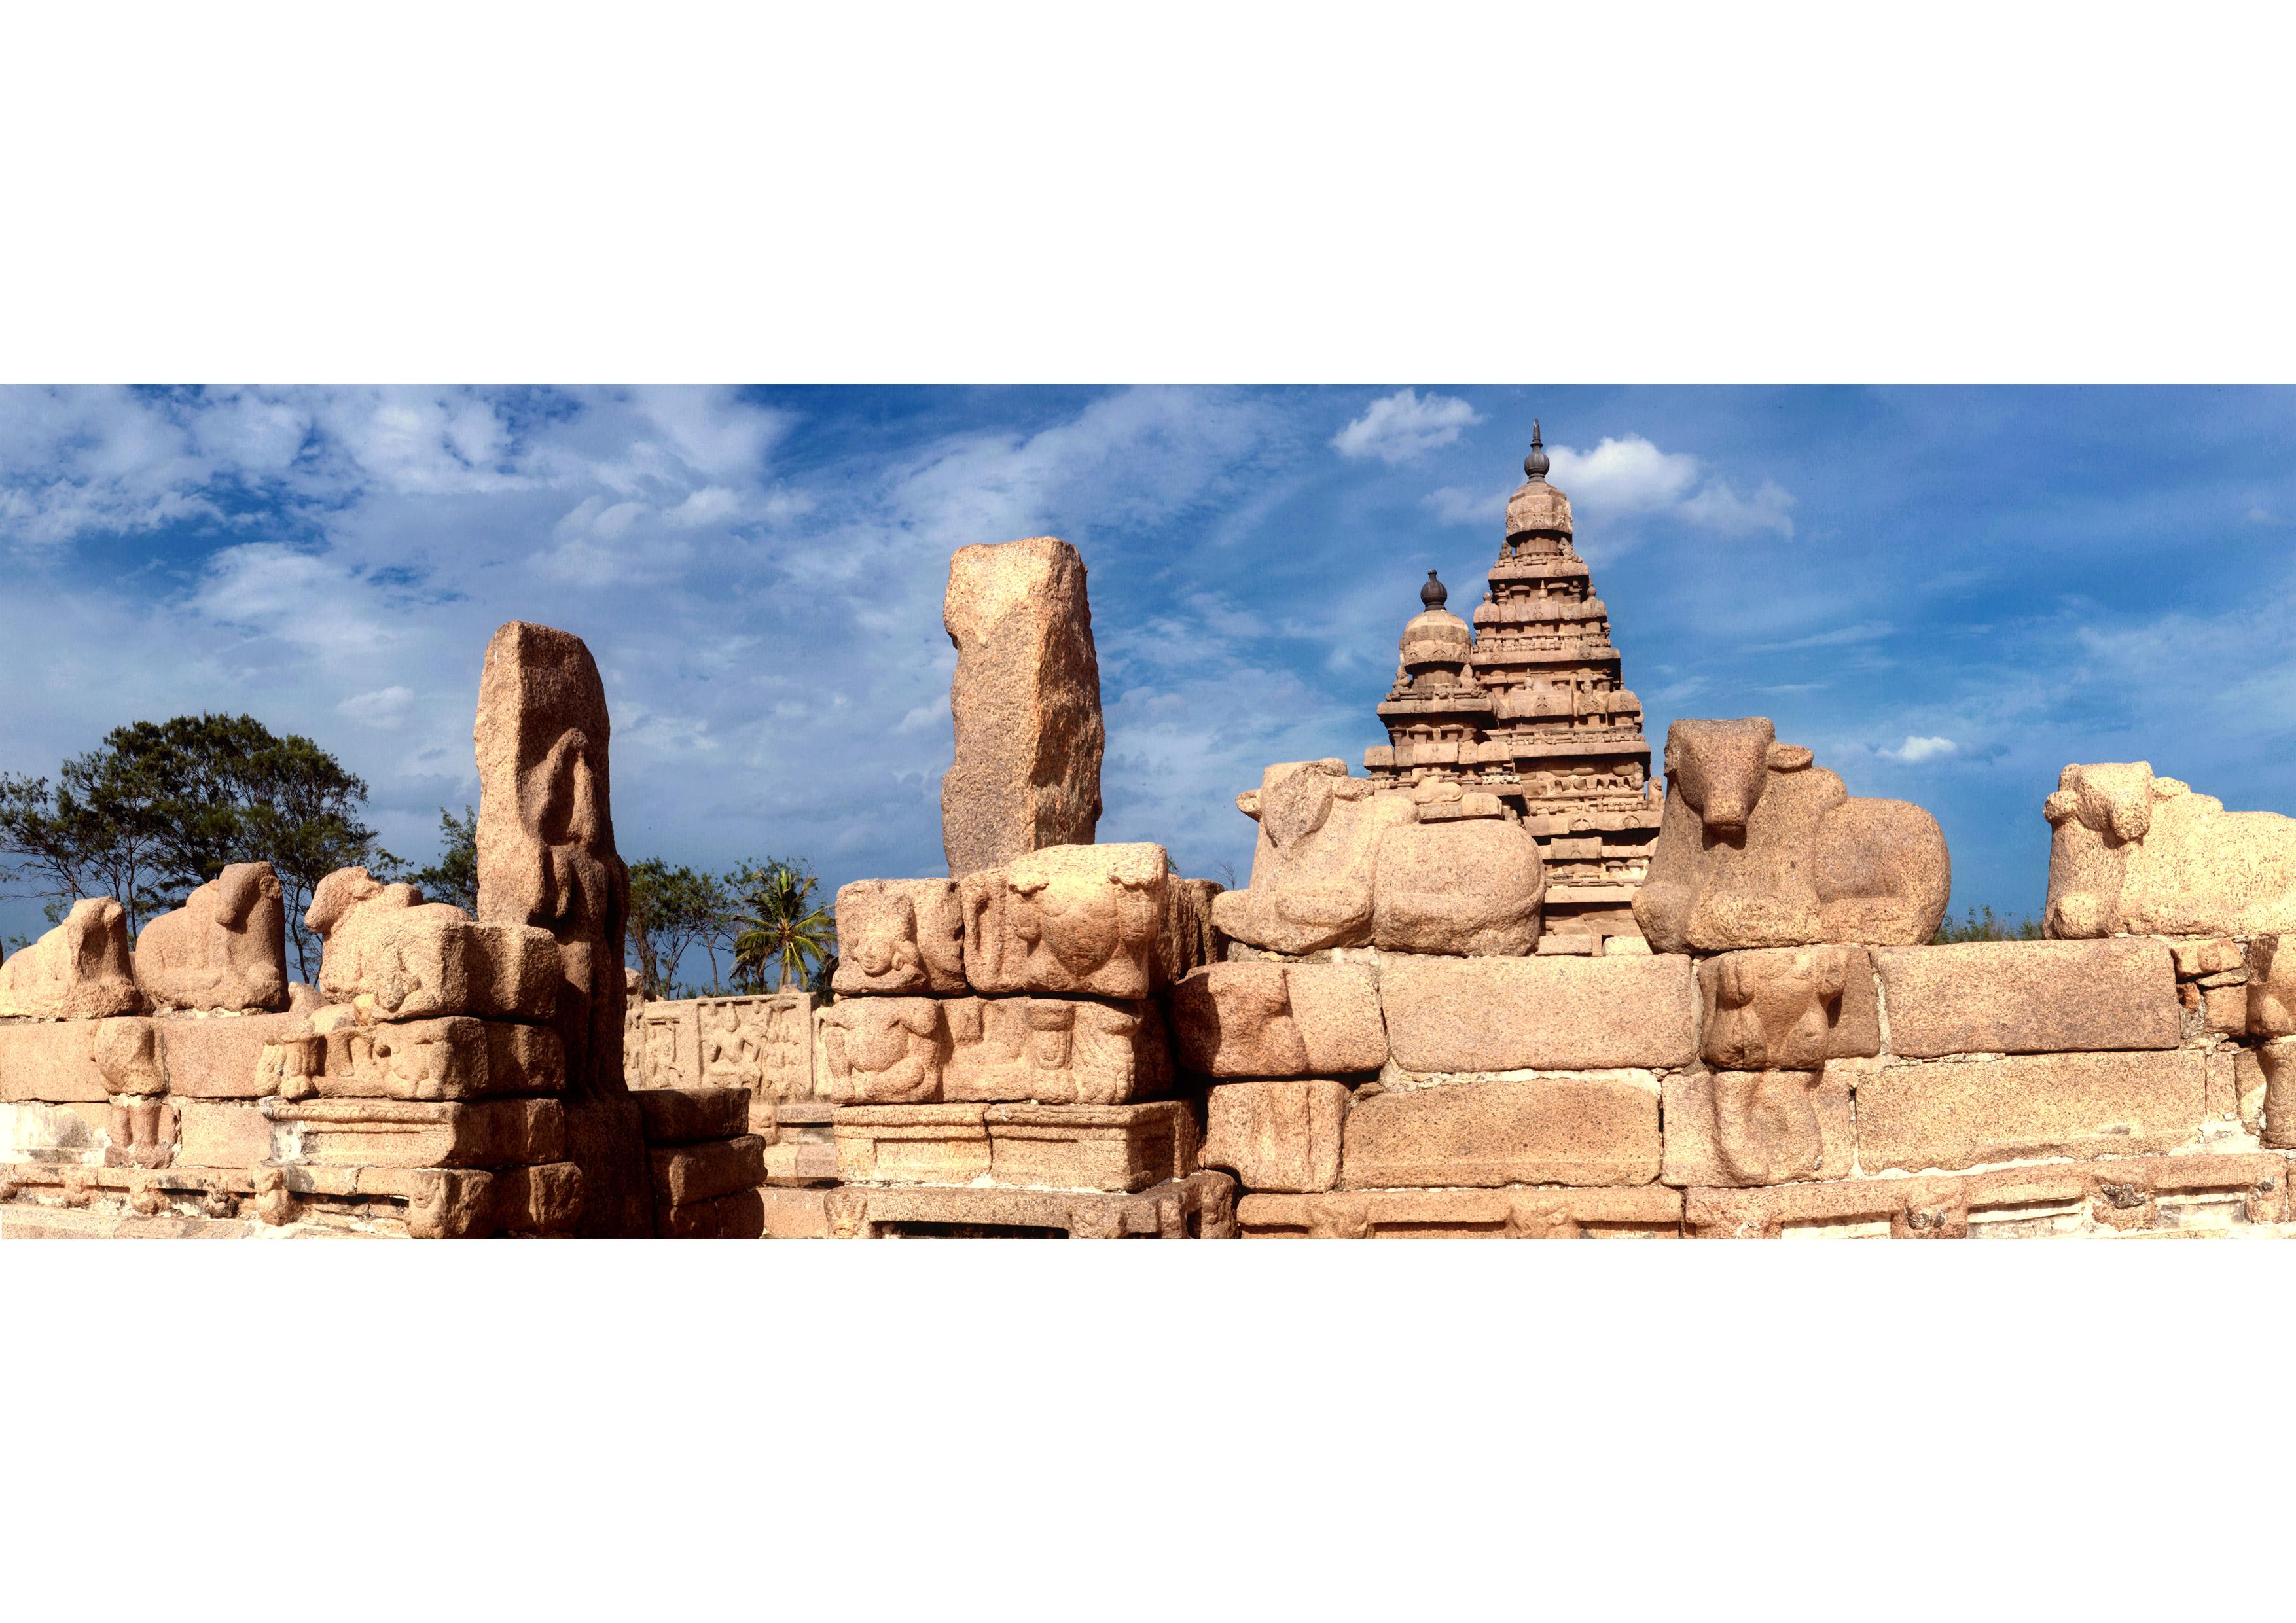 Mahabalipuram,-Shore-Temple